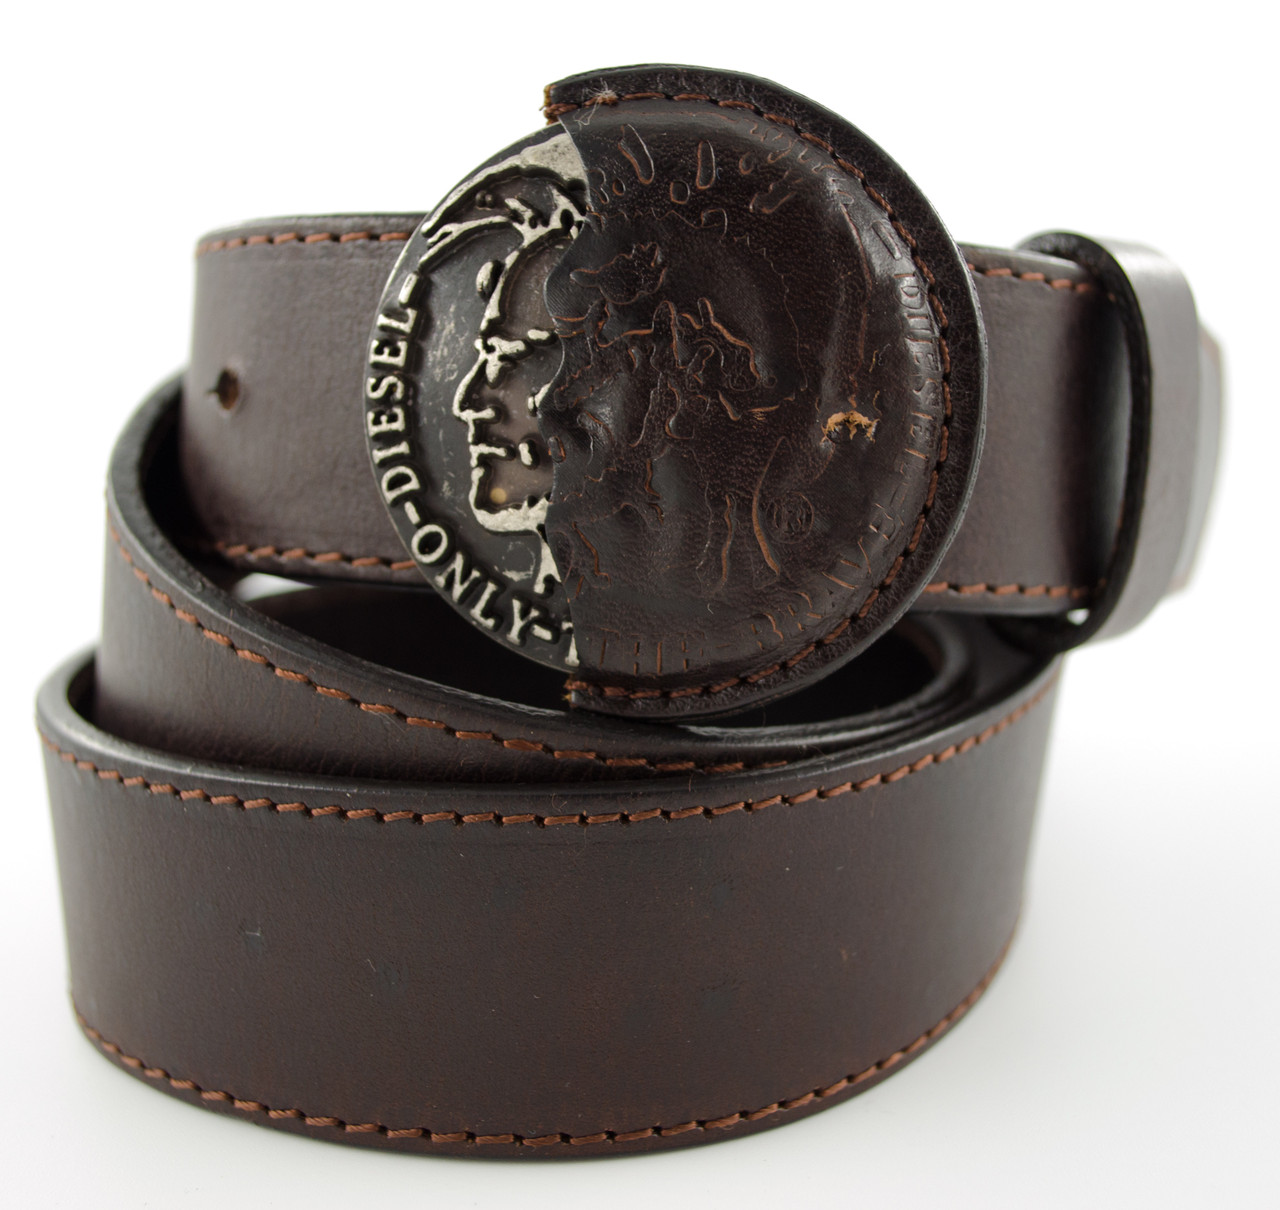 Стильный коричневый мужской кожаный ремень под джинсы кежуал с красивой  пряжкой  в стиле Diesel